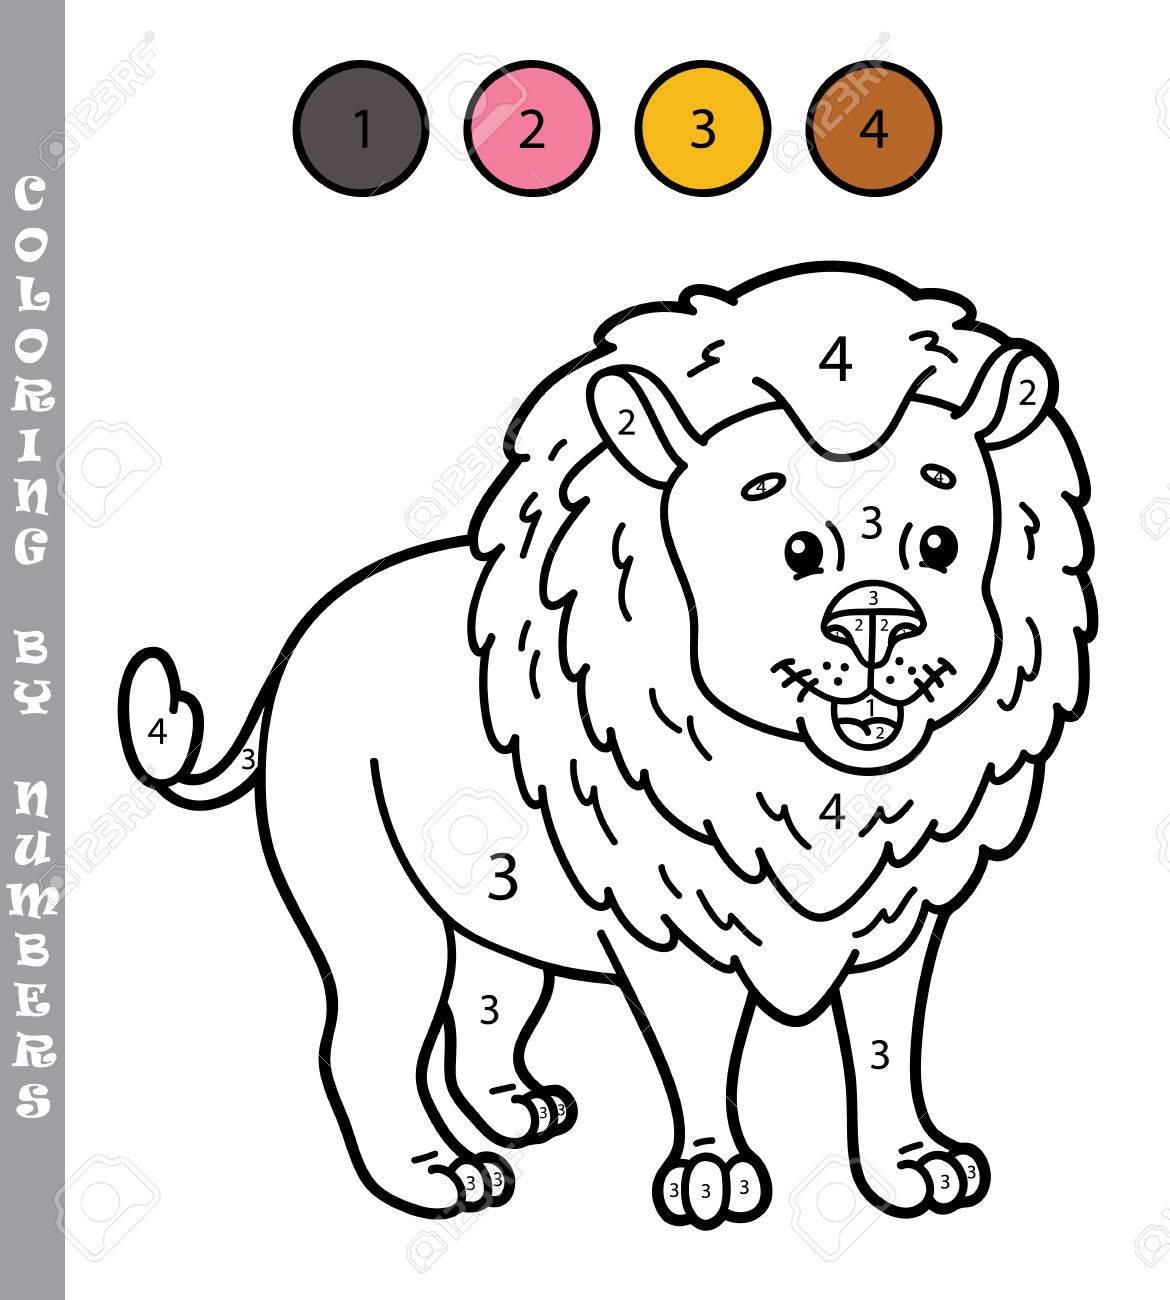 Colorear Por Números Divertido Juego Ilustración Vectorial Para Colorear Por Números Juego Con León De Dibujos Animados Para Los Niños